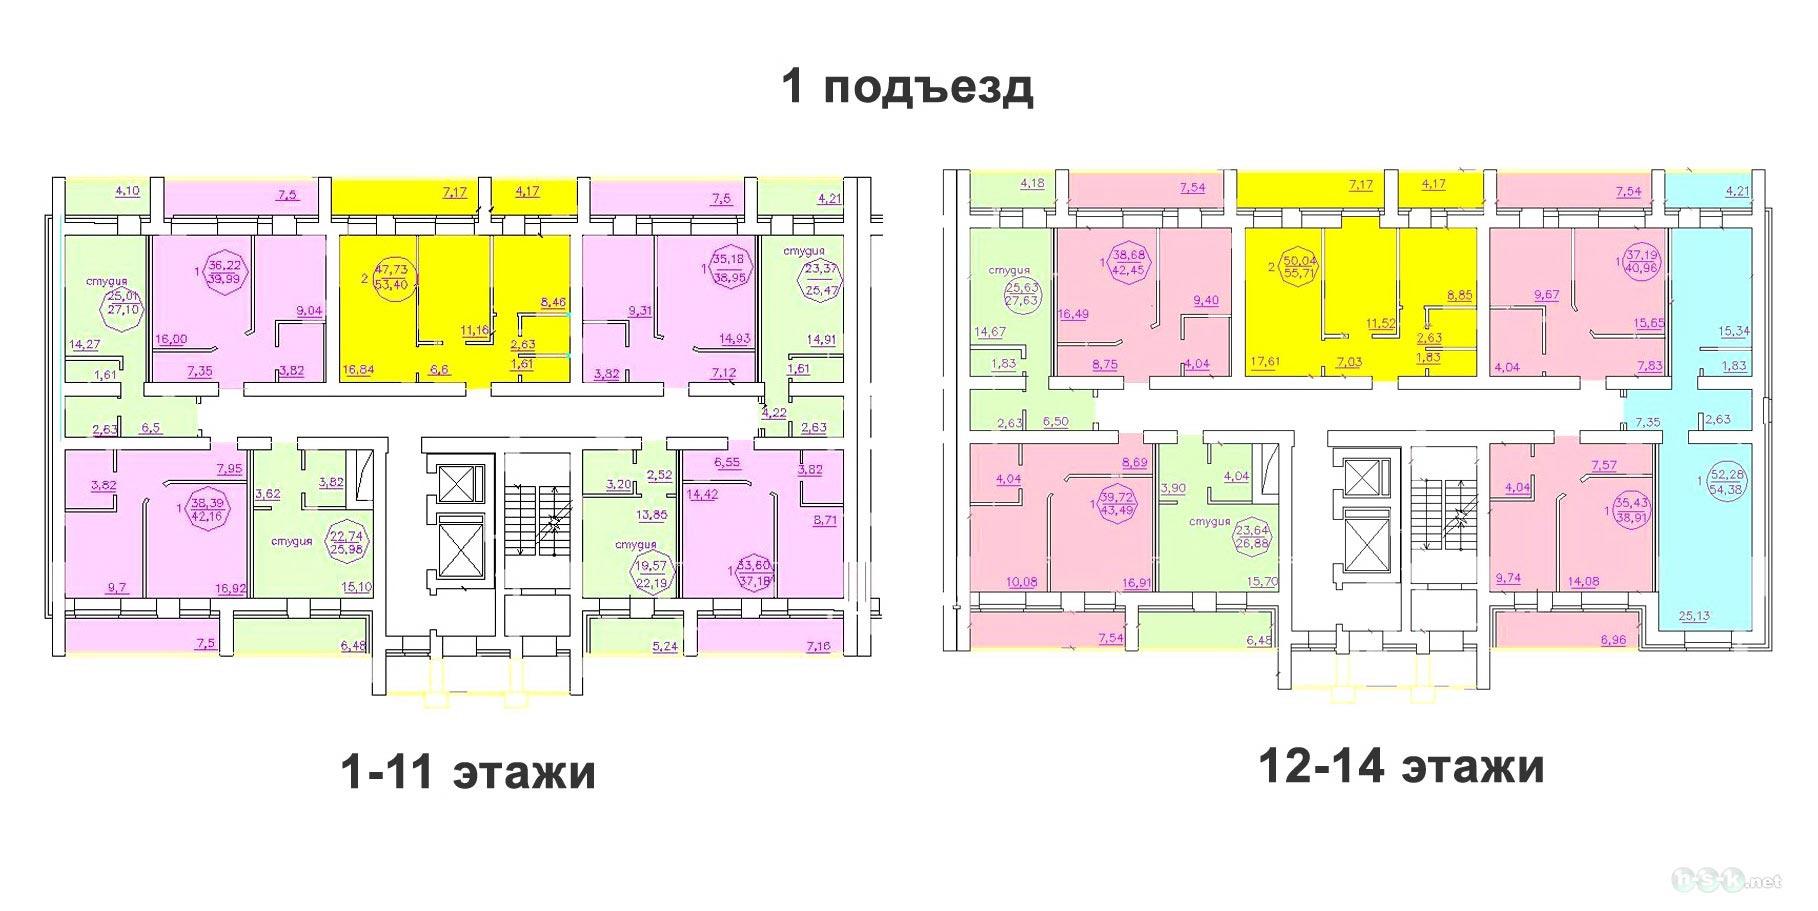 Титова, 253/3 стр (дом №3), общий план этажа